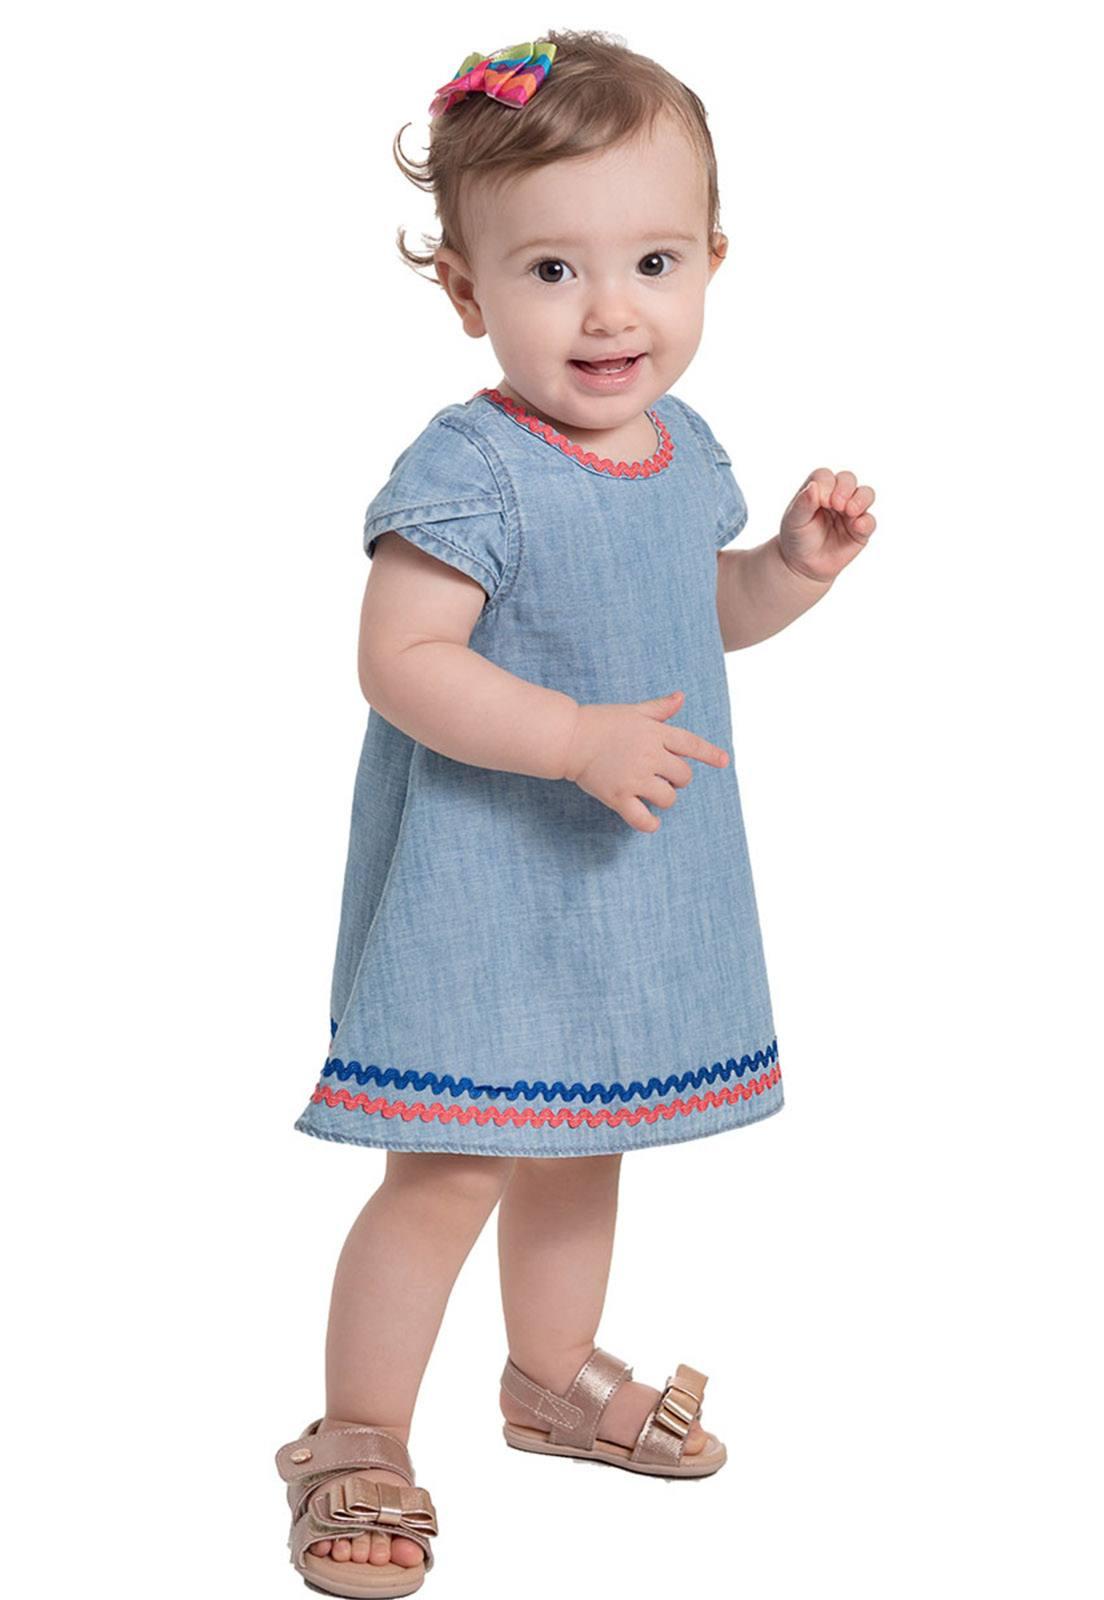 Vestido Jeans com Apliques de Sianinha Coloridas